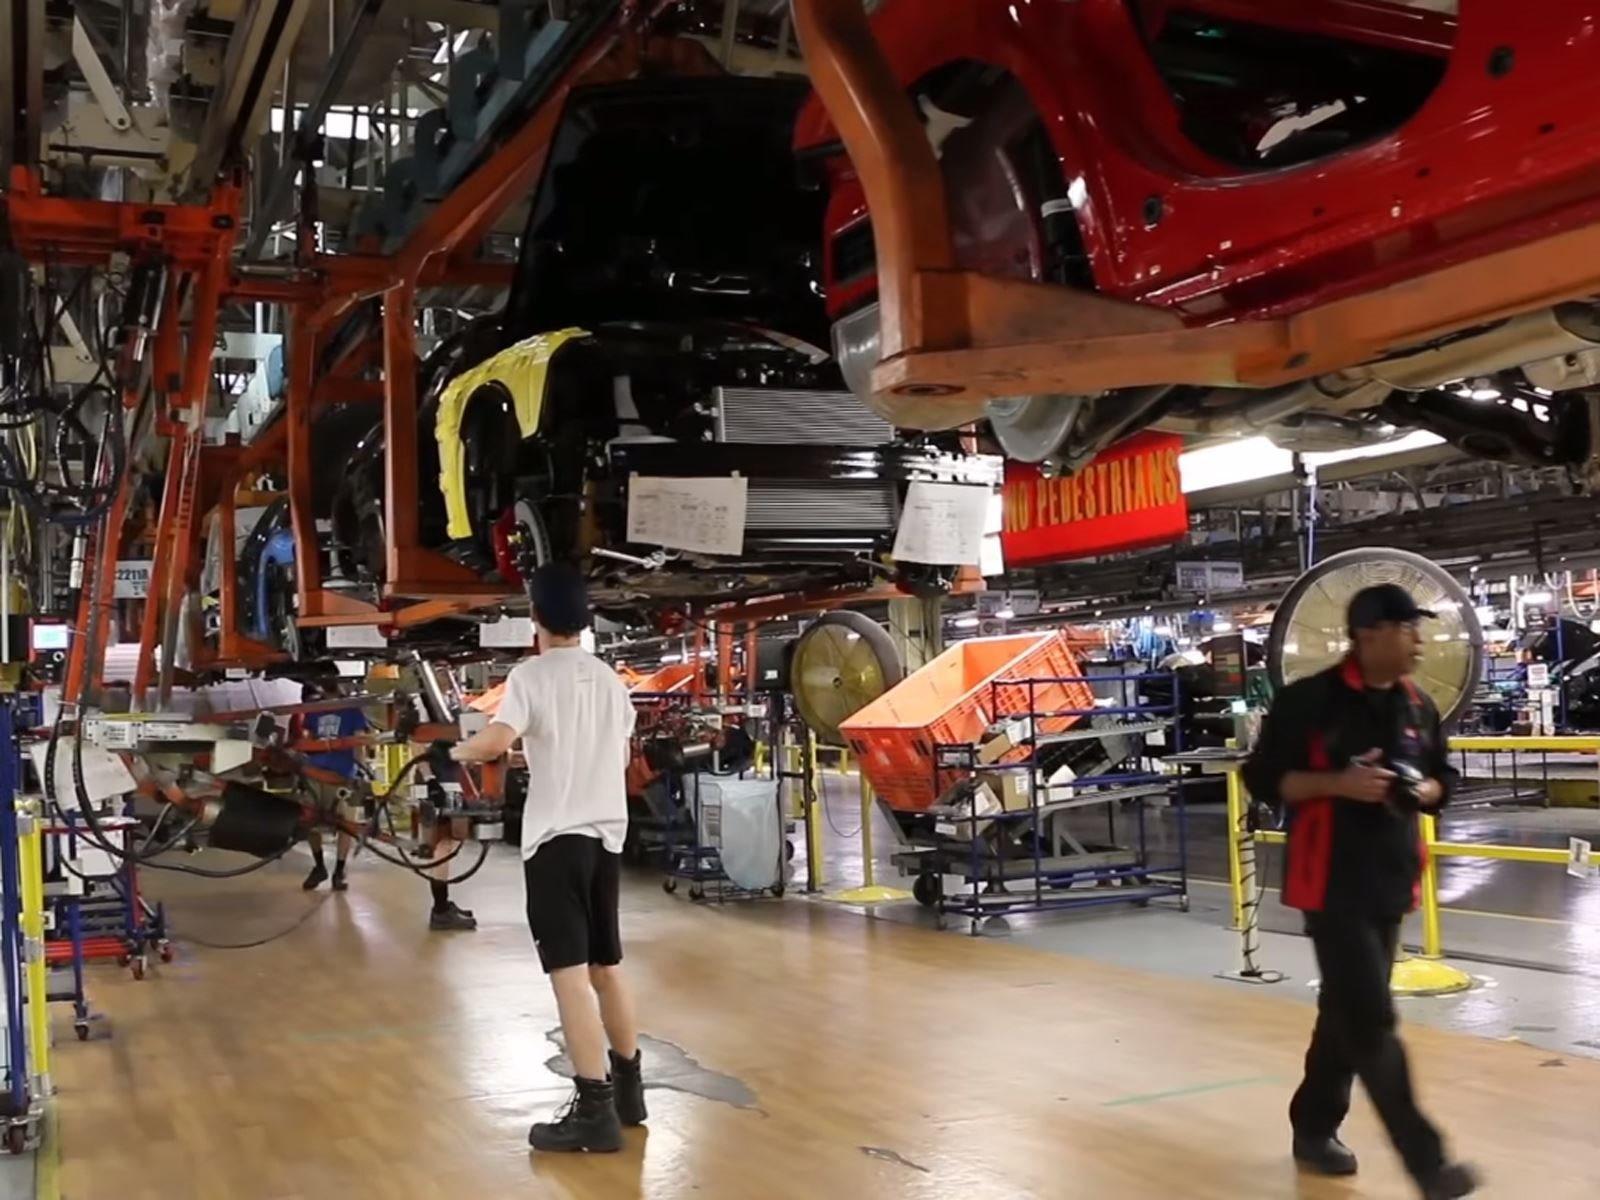 30 мая 2018 года последний Dodge Challenger SRT Demon сошел с конвейерной линии завода Brampton Assembly Plant в Онтарио, Канада. Это ознаменовало окончание производства 3300 экземпляров 840 л.с. легального на дорогах общего пользования спорткара. То